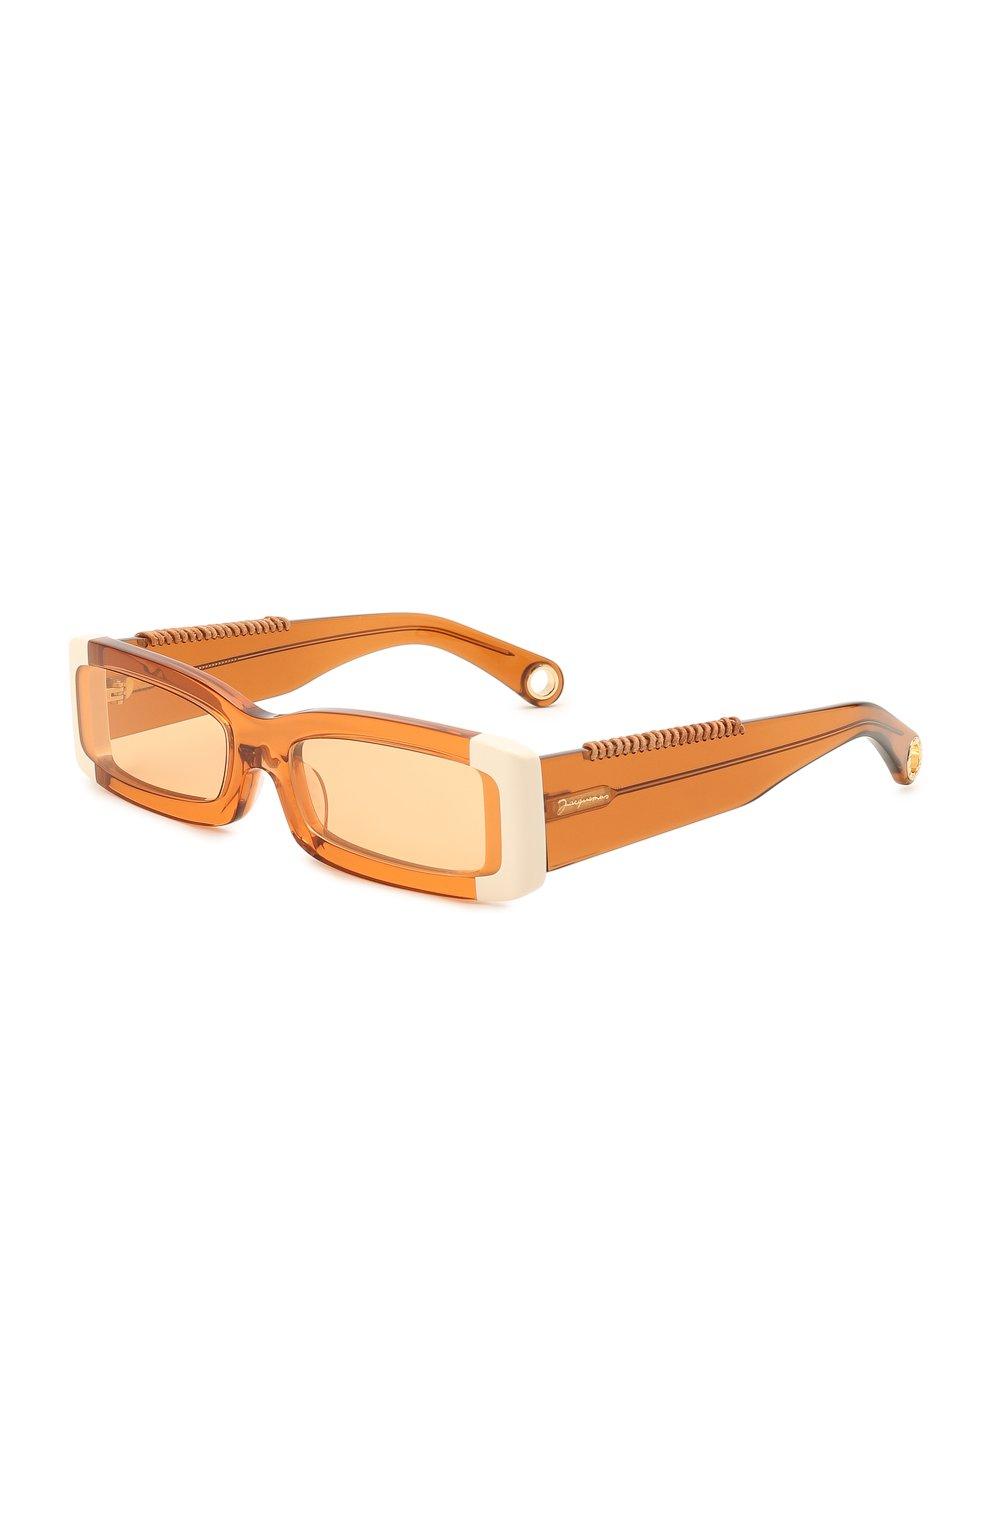 Женские солнцезащитные очки JACQUEMUS оранжевого цвета, арт. LES LUNETTES 97 SHADE 0F 0RANGE | Фото 1